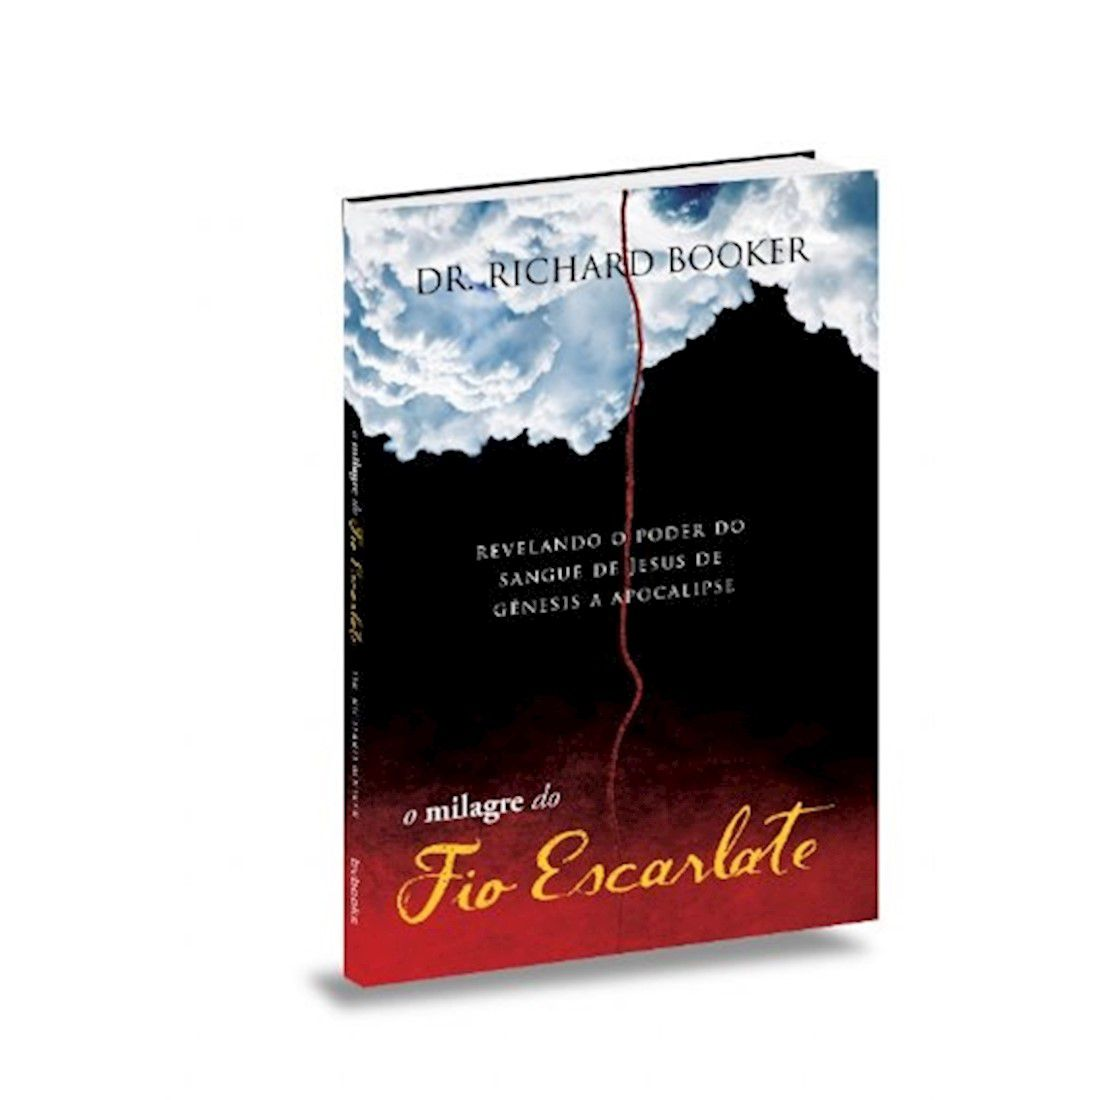 Livro O Milagre do Fio Escarlate